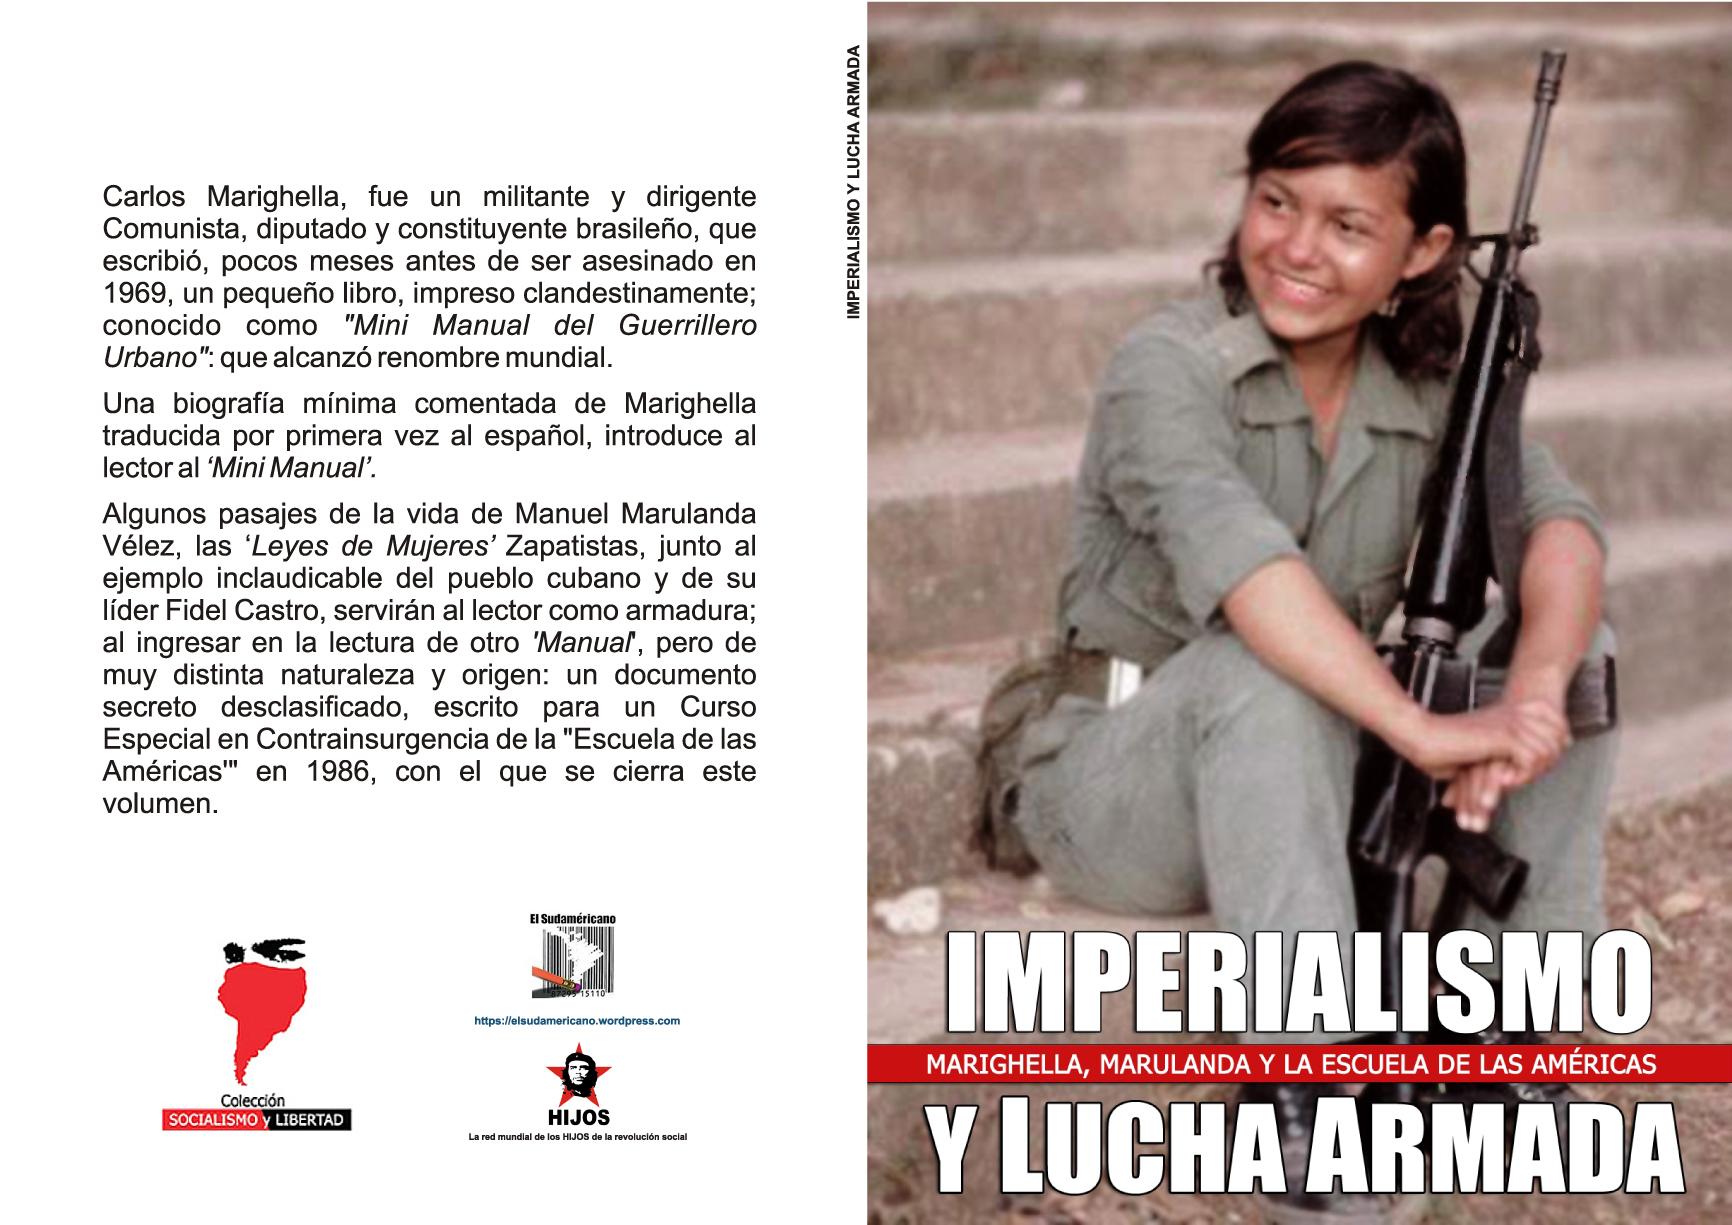 Imperialismo y lucha armada - Marighella, Marulanda y La Escuela de las Américas - formato pdf Libro-62-web